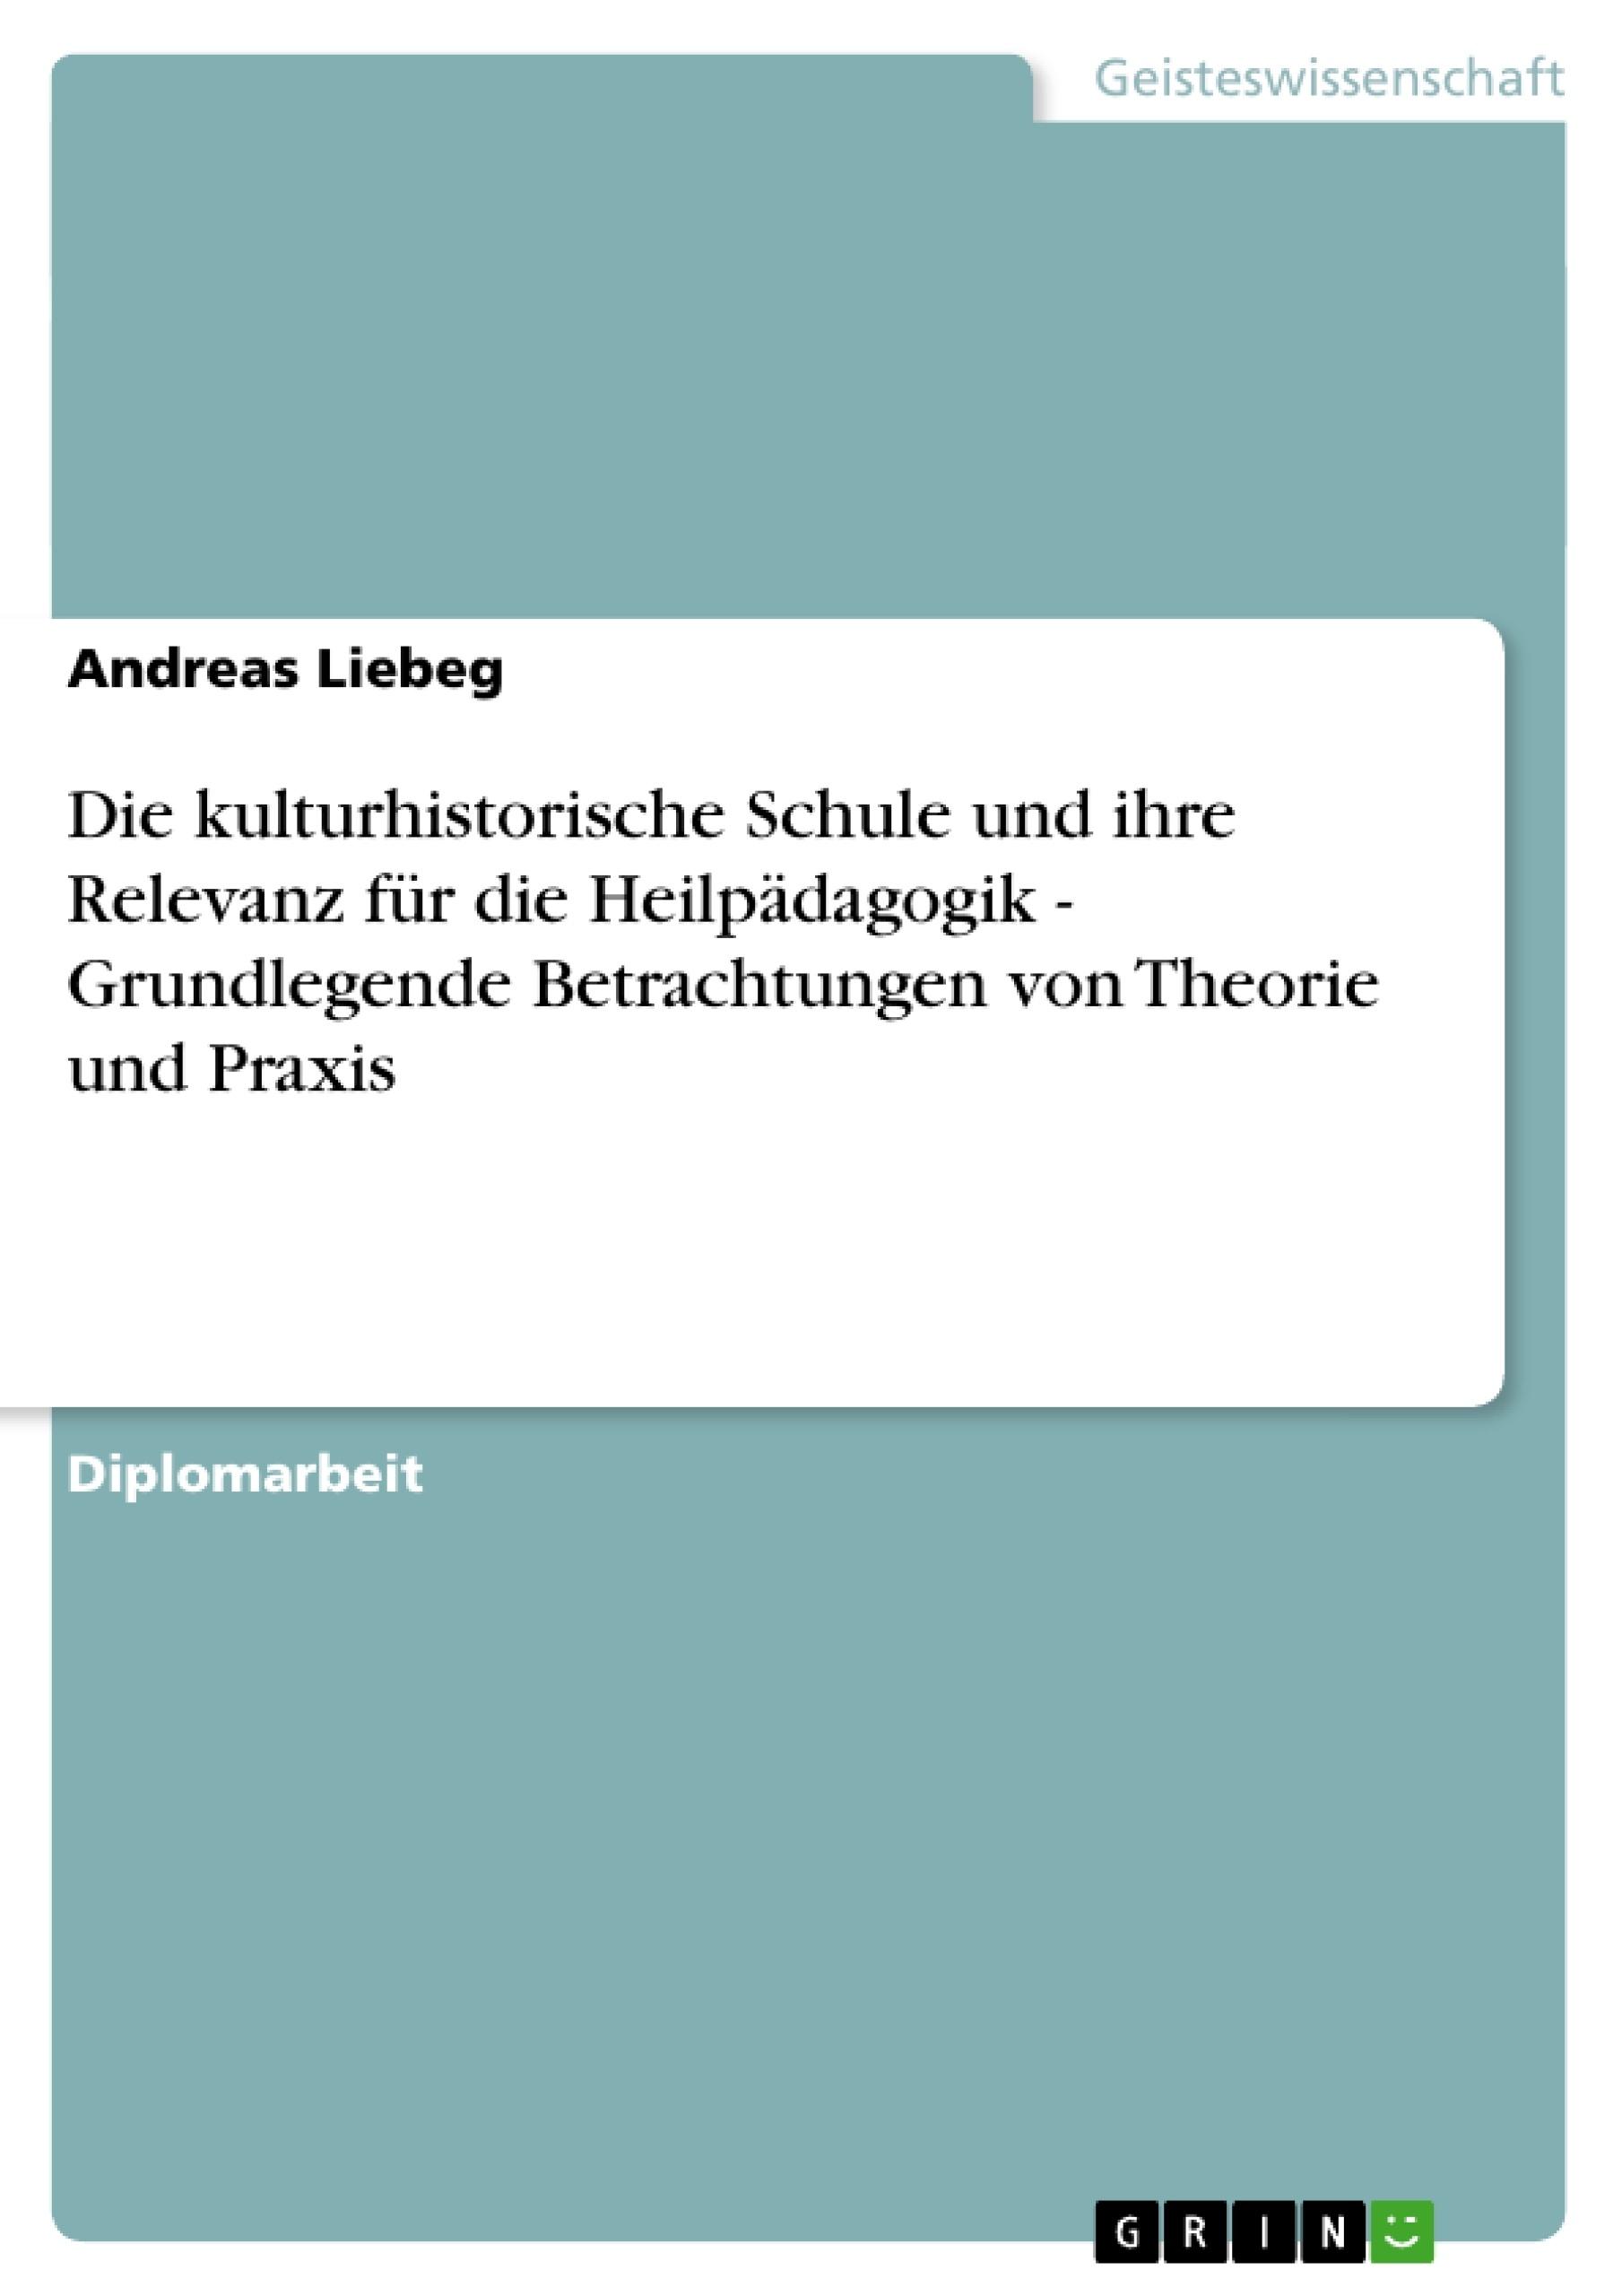 Titel: Die kulturhistorische Schule und ihre Relevanz für die Heilpädagogik - Grundlegende Betrachtungen von Theorie und Praxis